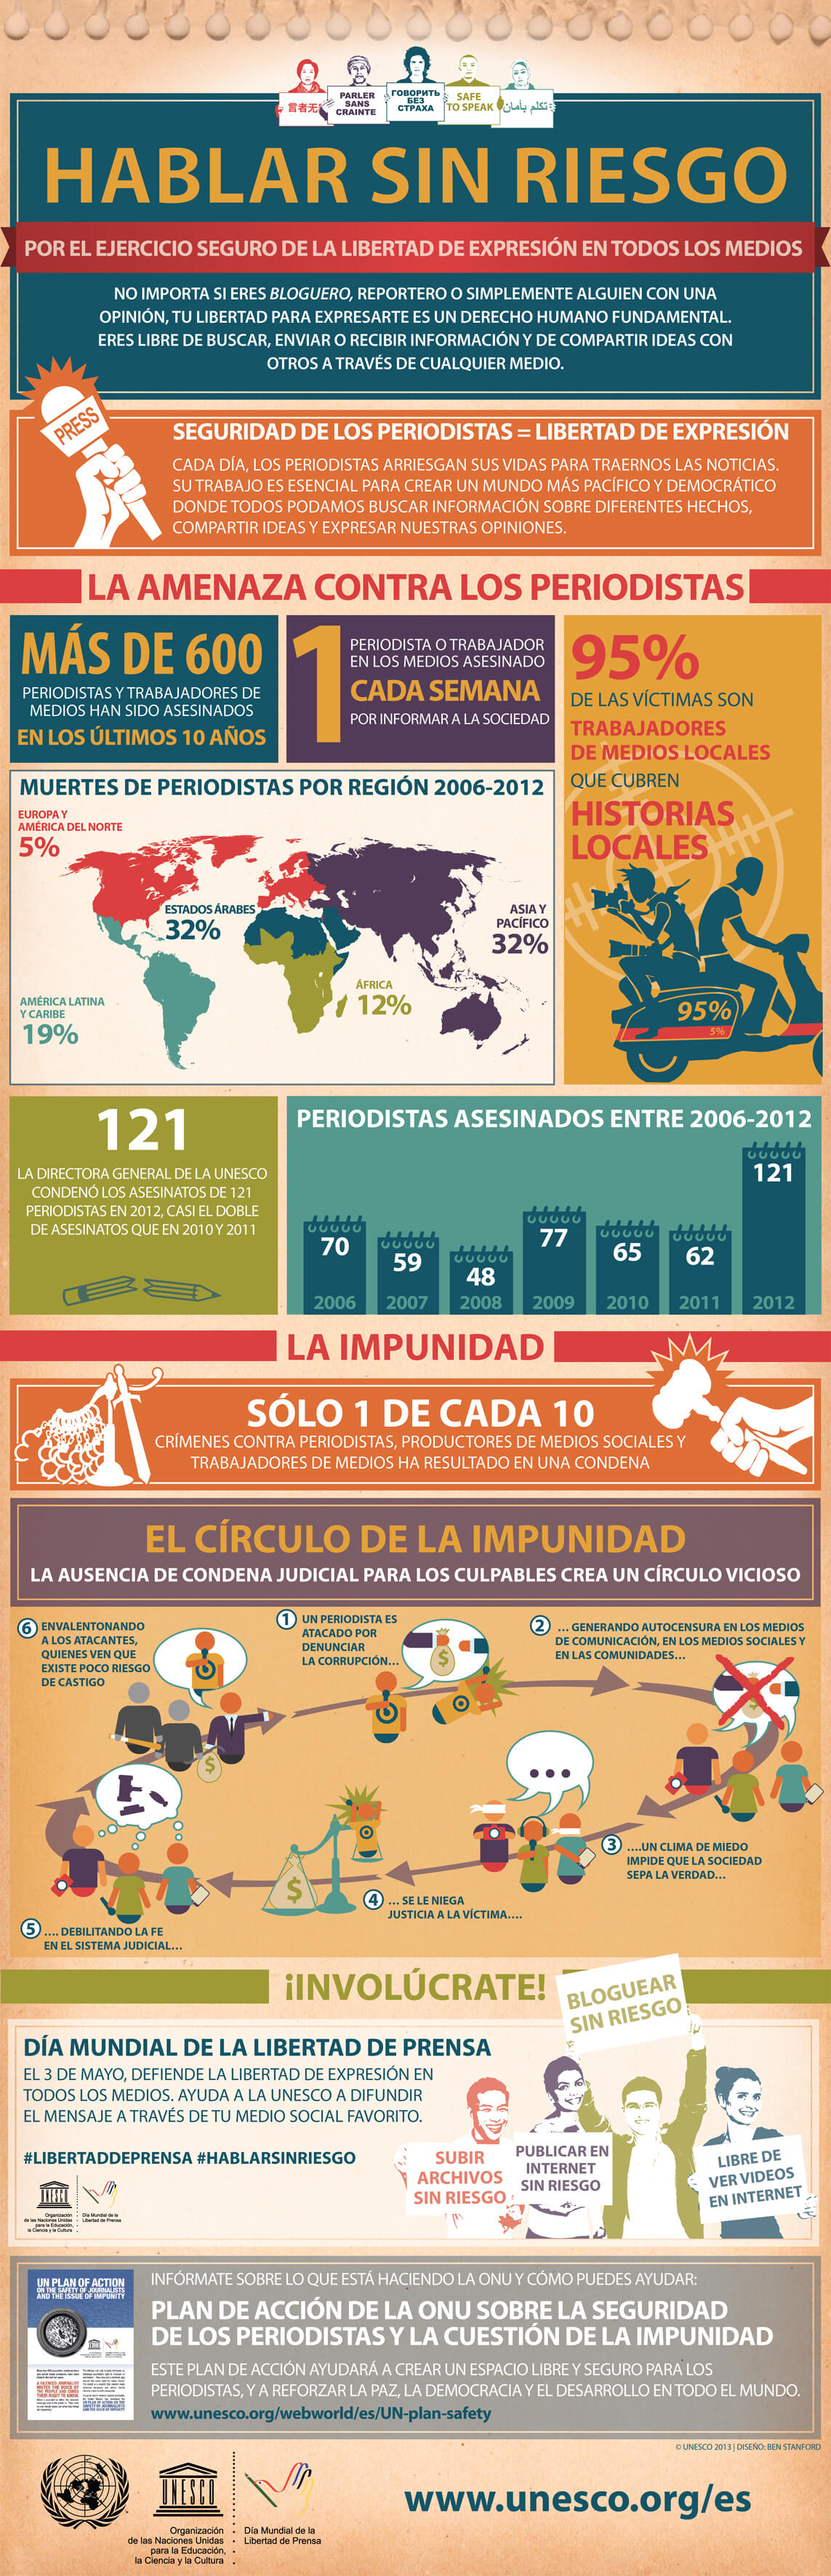 Infografía - Hablar Sin Riesgo - Crímenes Sin Castigo- UNESCO